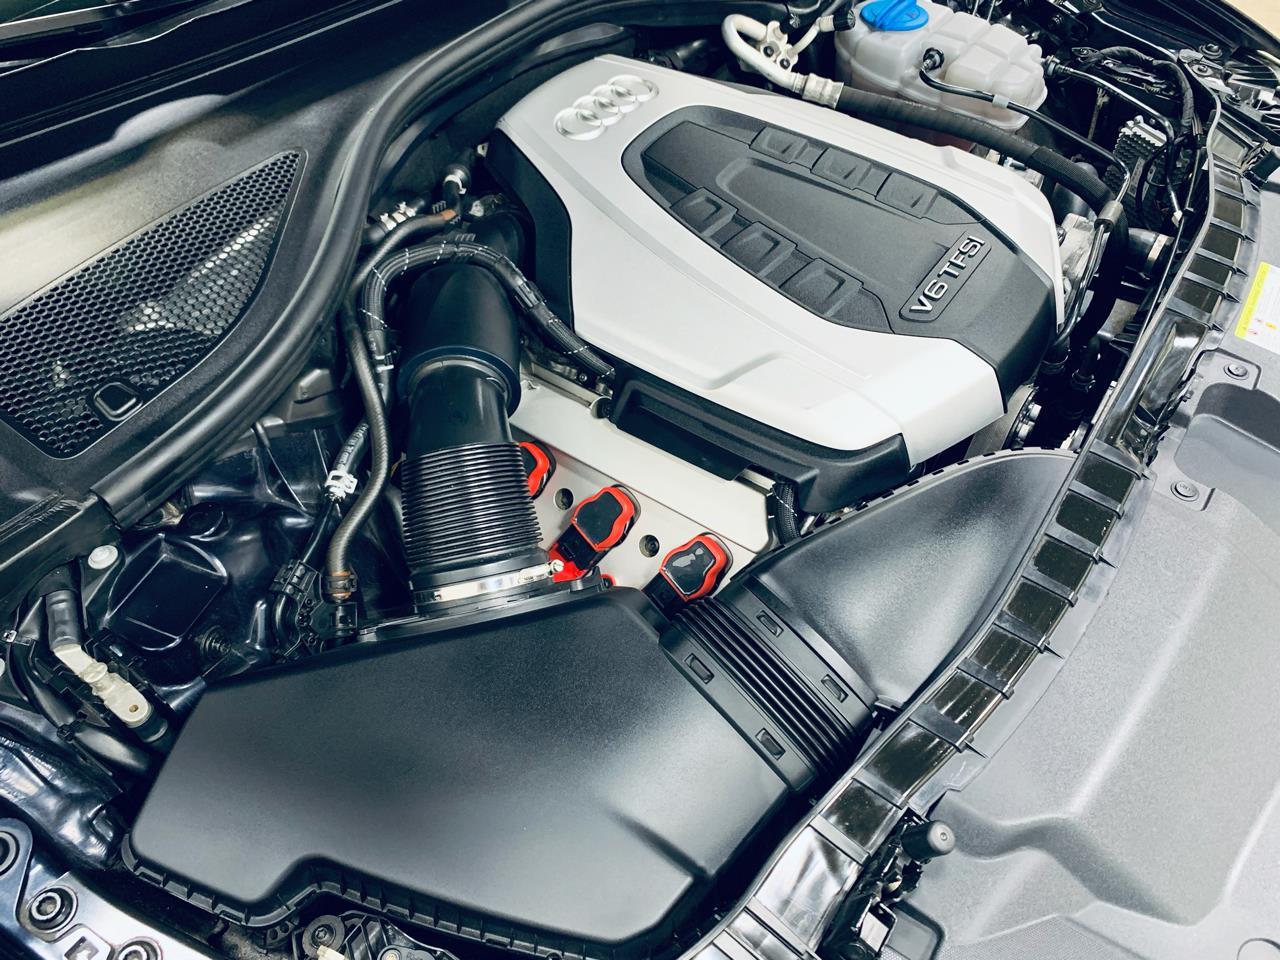 2016 Audi A6 (CC-1293108) for sale in Mooresville, North Carolina